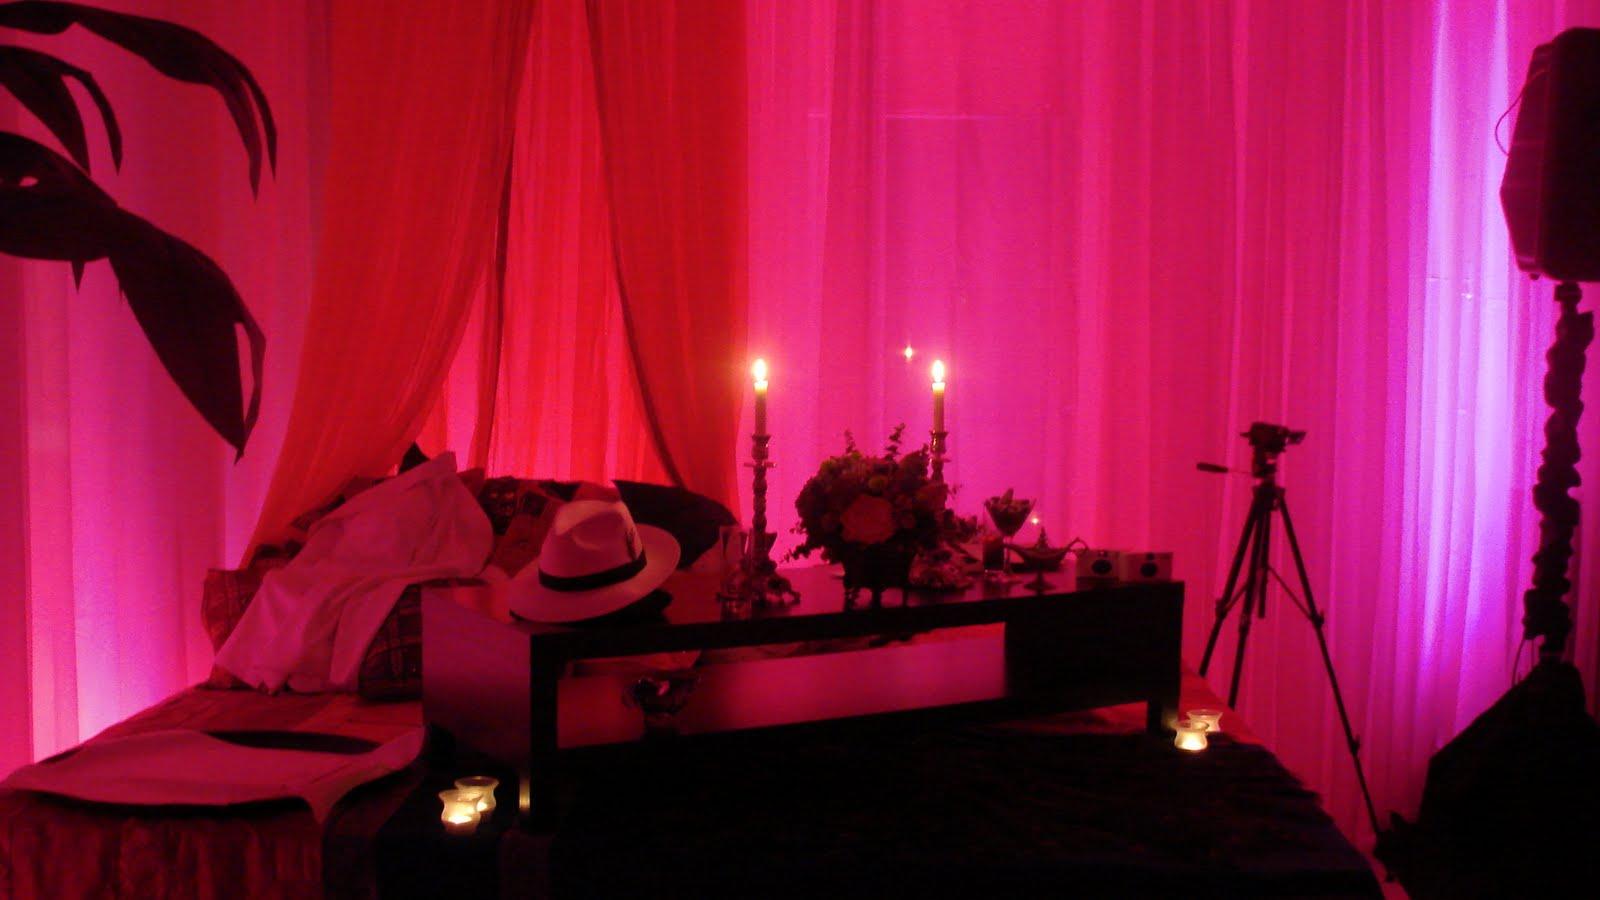 reception-room-pink.jpg